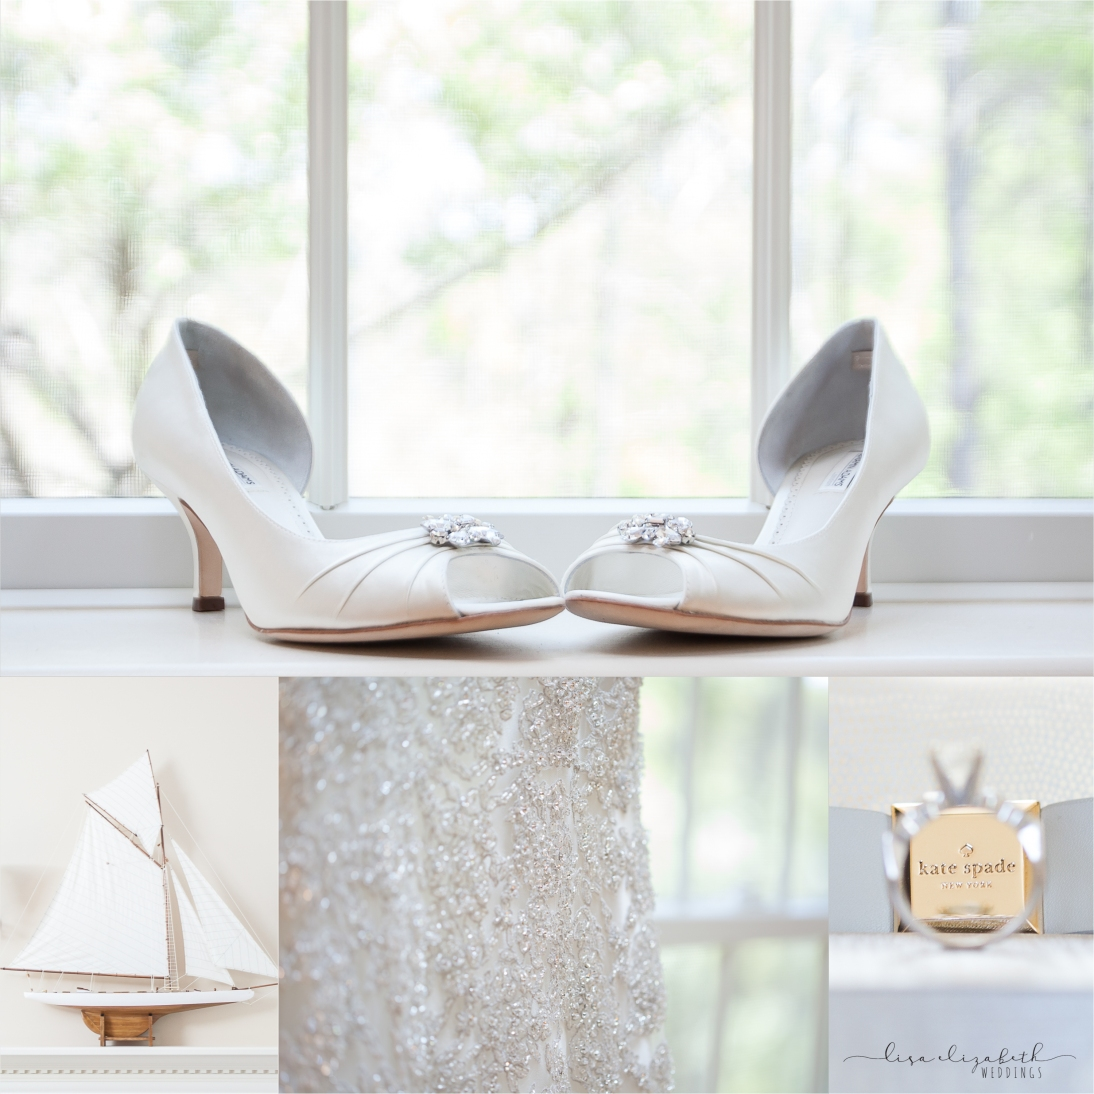 New Seabury Weddings | www.lisaelizabeth.com